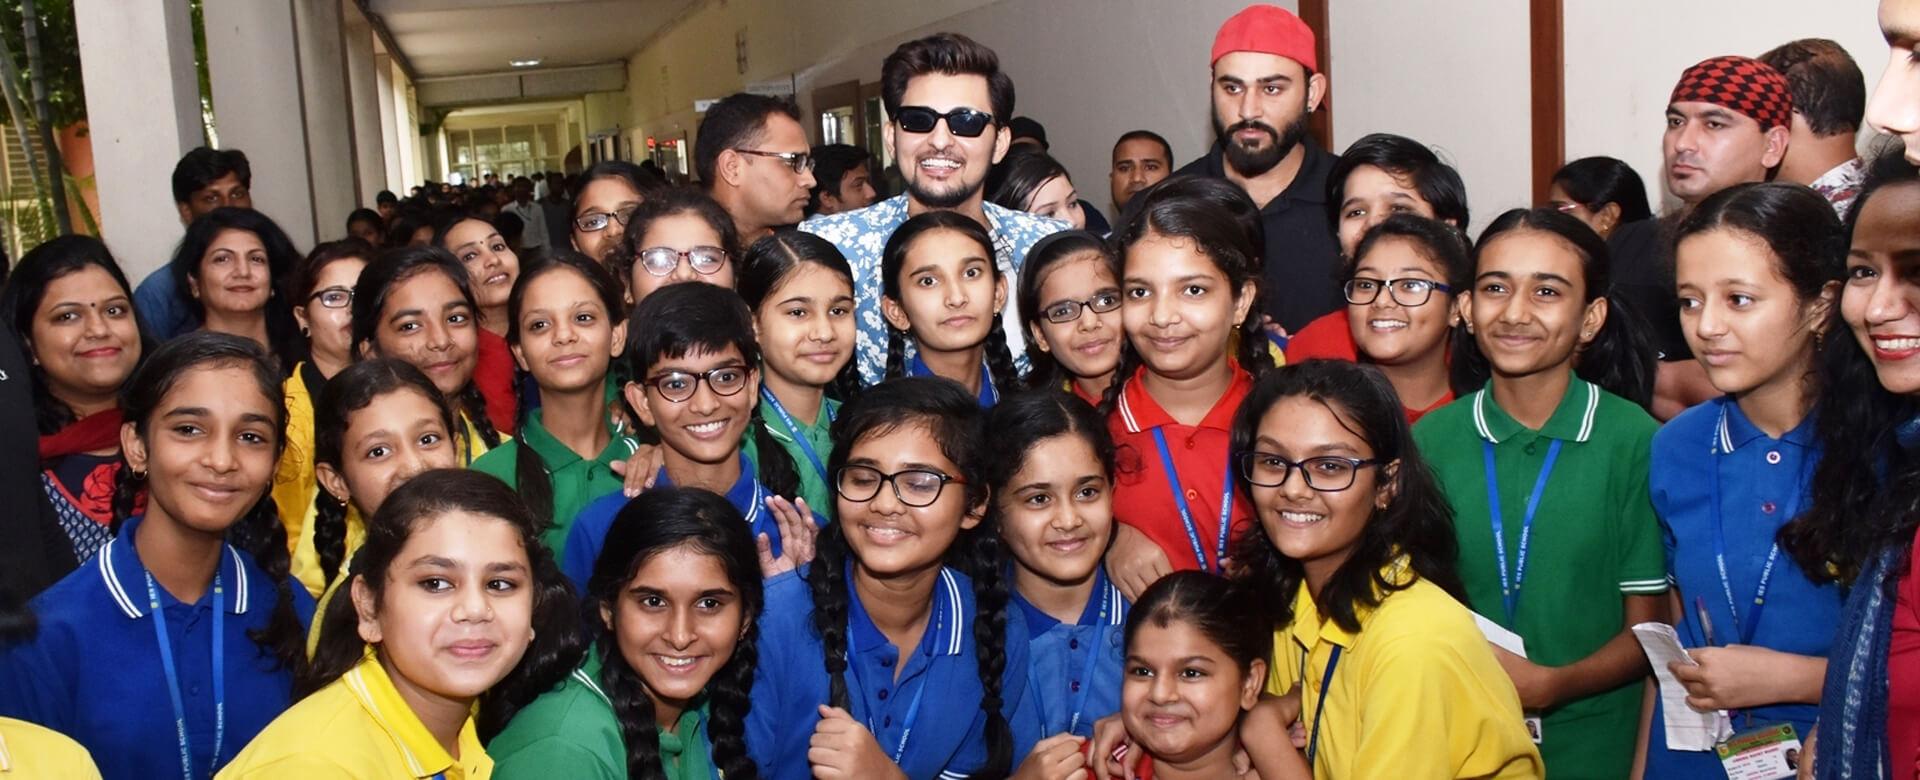 IES Public School, Best school in Bhopal